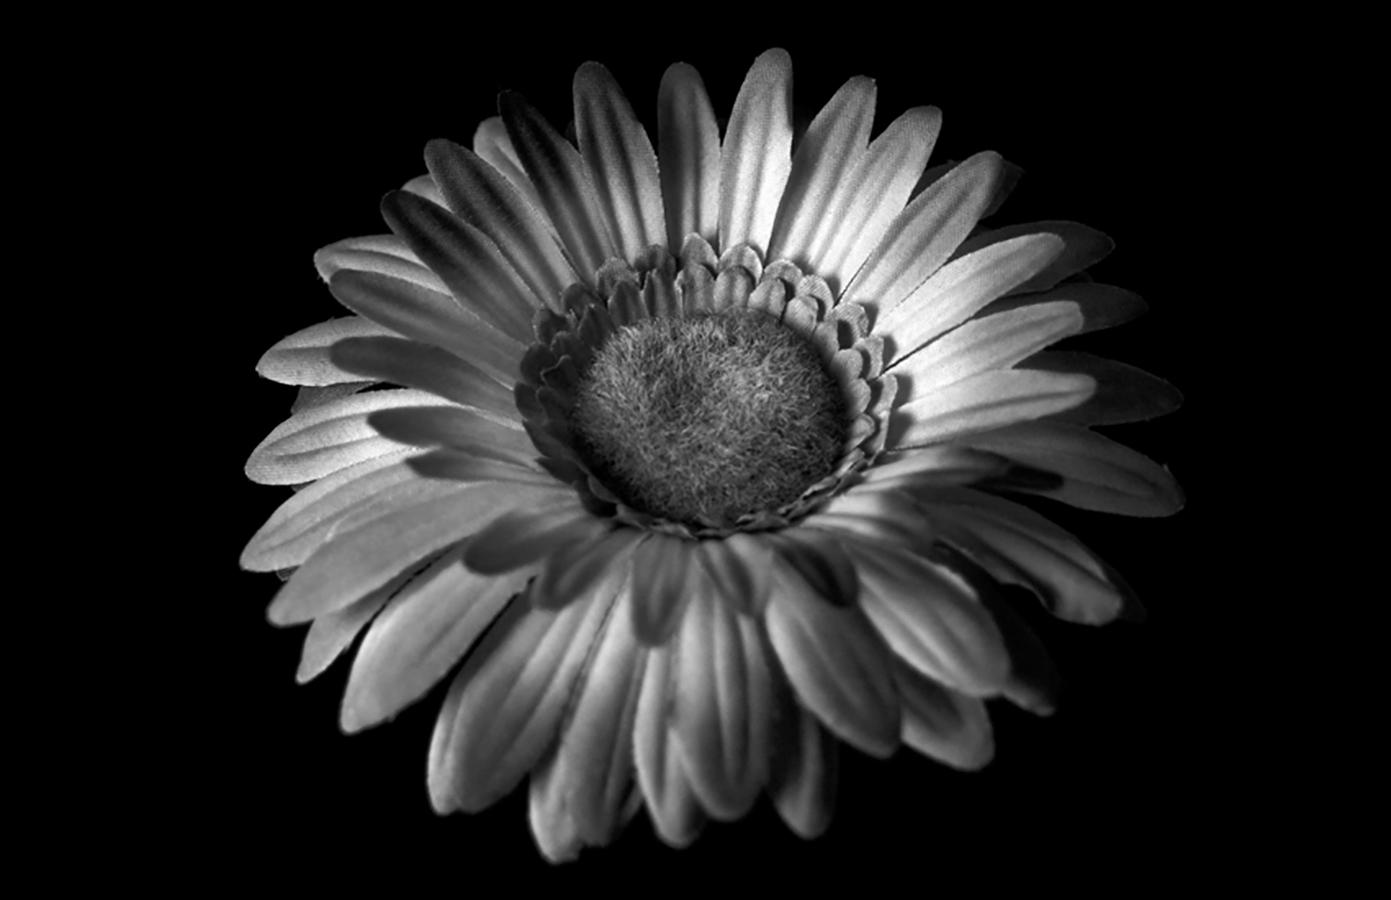 Flor en blanco y negro   2009   A Coruña, España - Flower in black and white   2009   A Coruña, Spain - Miguel Naya   Photography